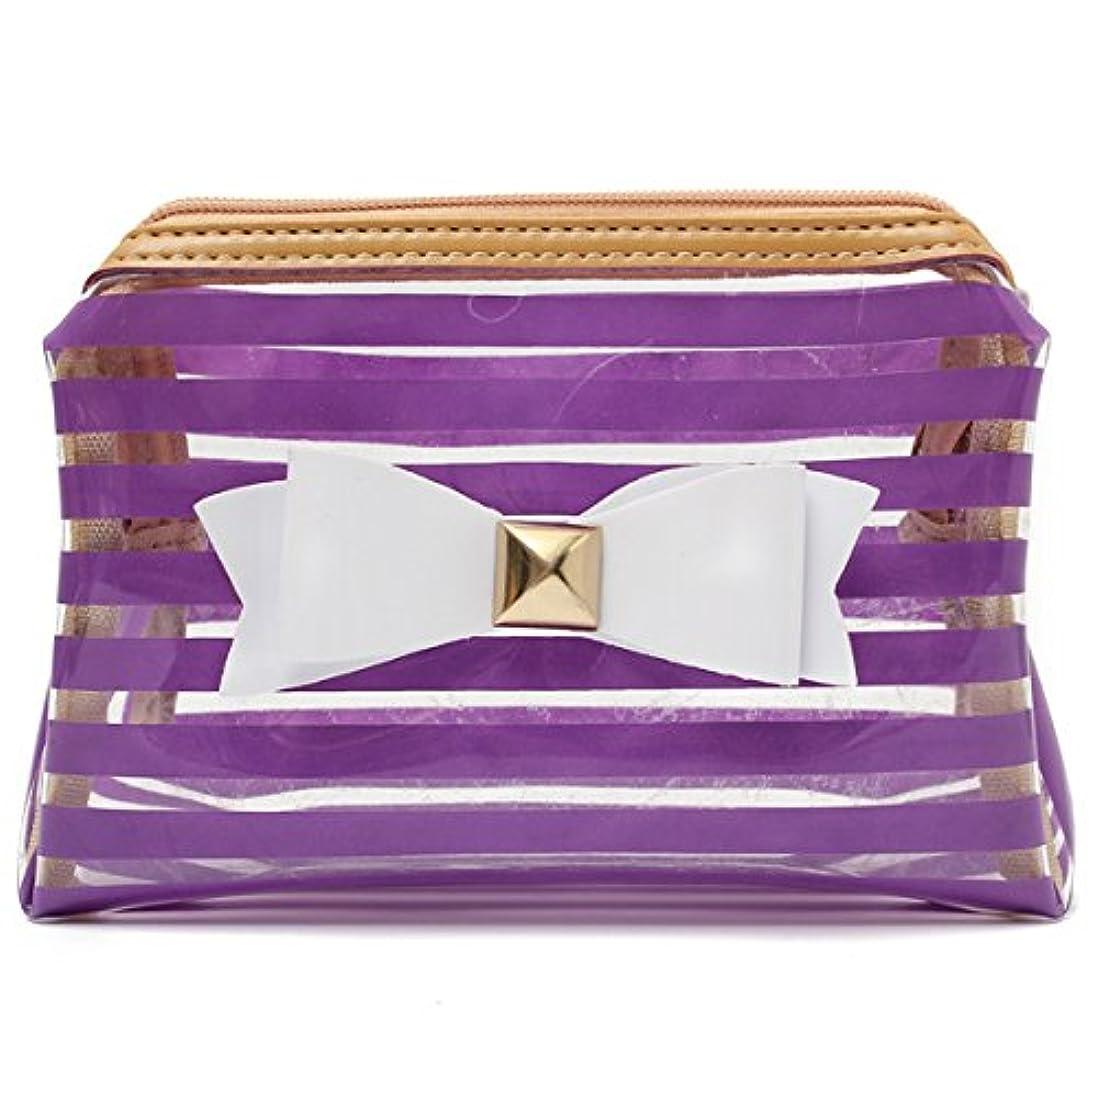 目立つポーズわずかにYZUEYT ストライプ透明な化粧品のバッグ旅行PVCボウタイはオーガナイザーケースを作る YZUEYT (Color : Color Purple Hippo)